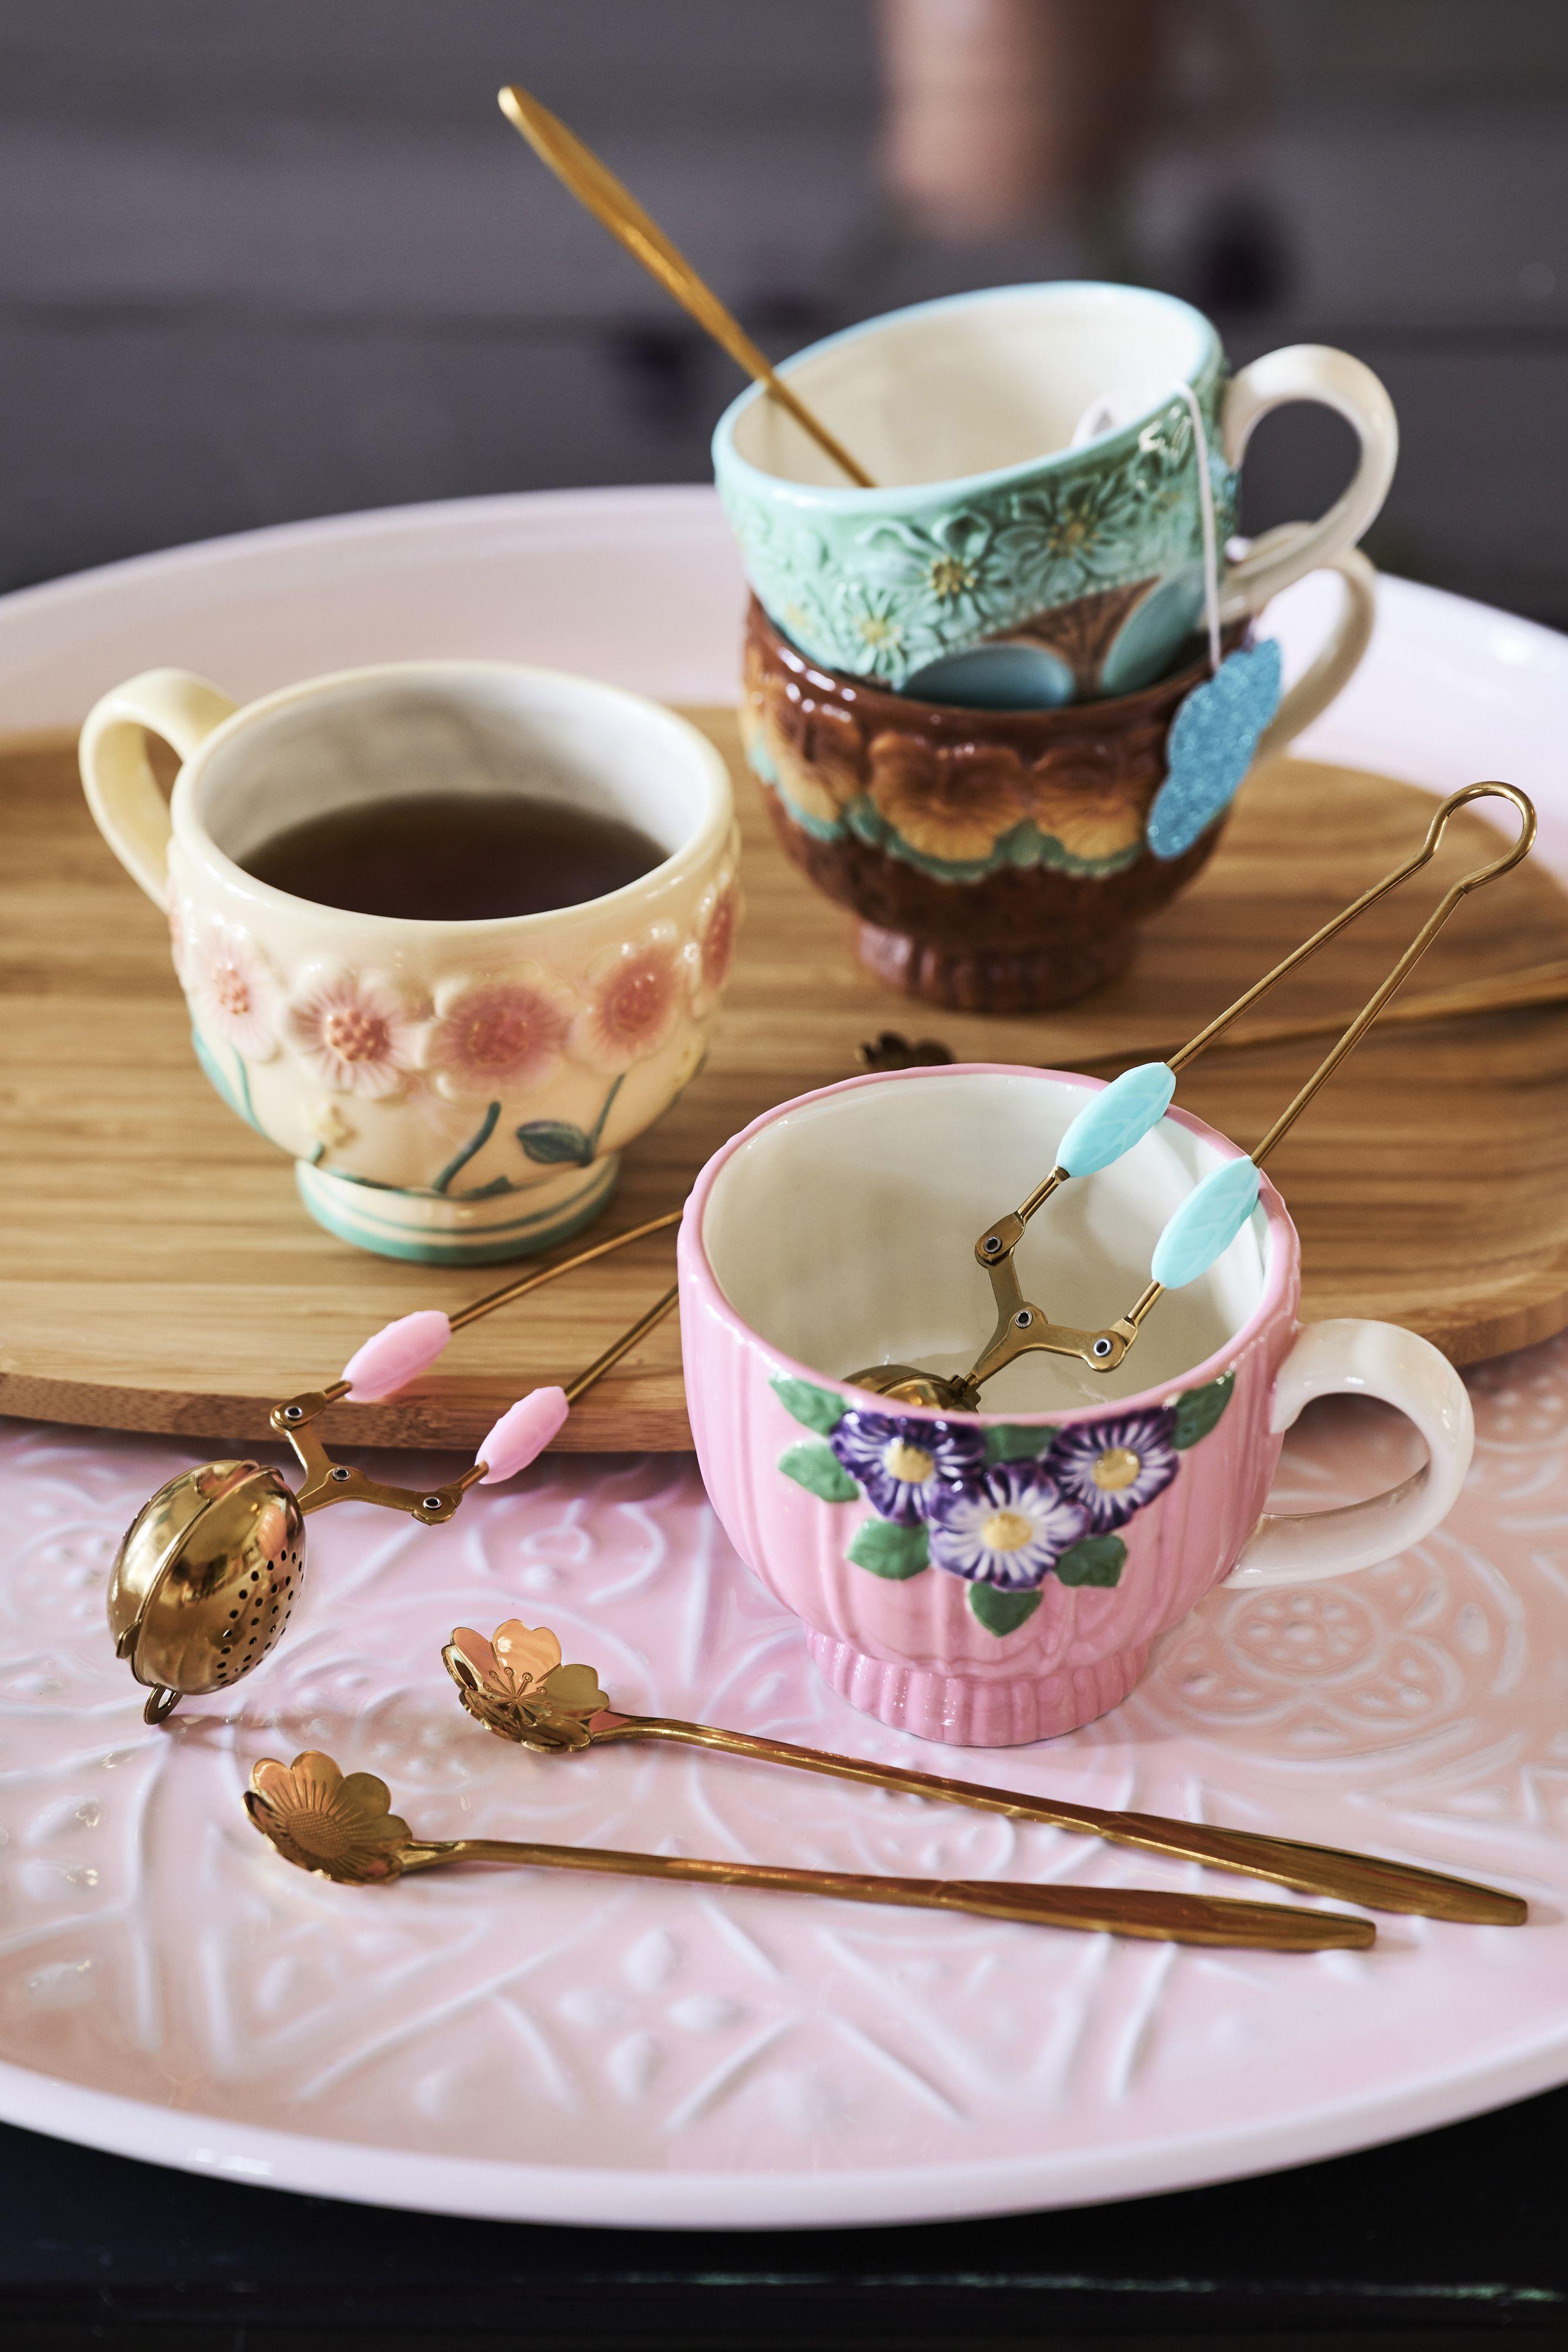 Beautifully Detailed Ceramic Mugs - AW20 in 2020   Ceramic mugs ...